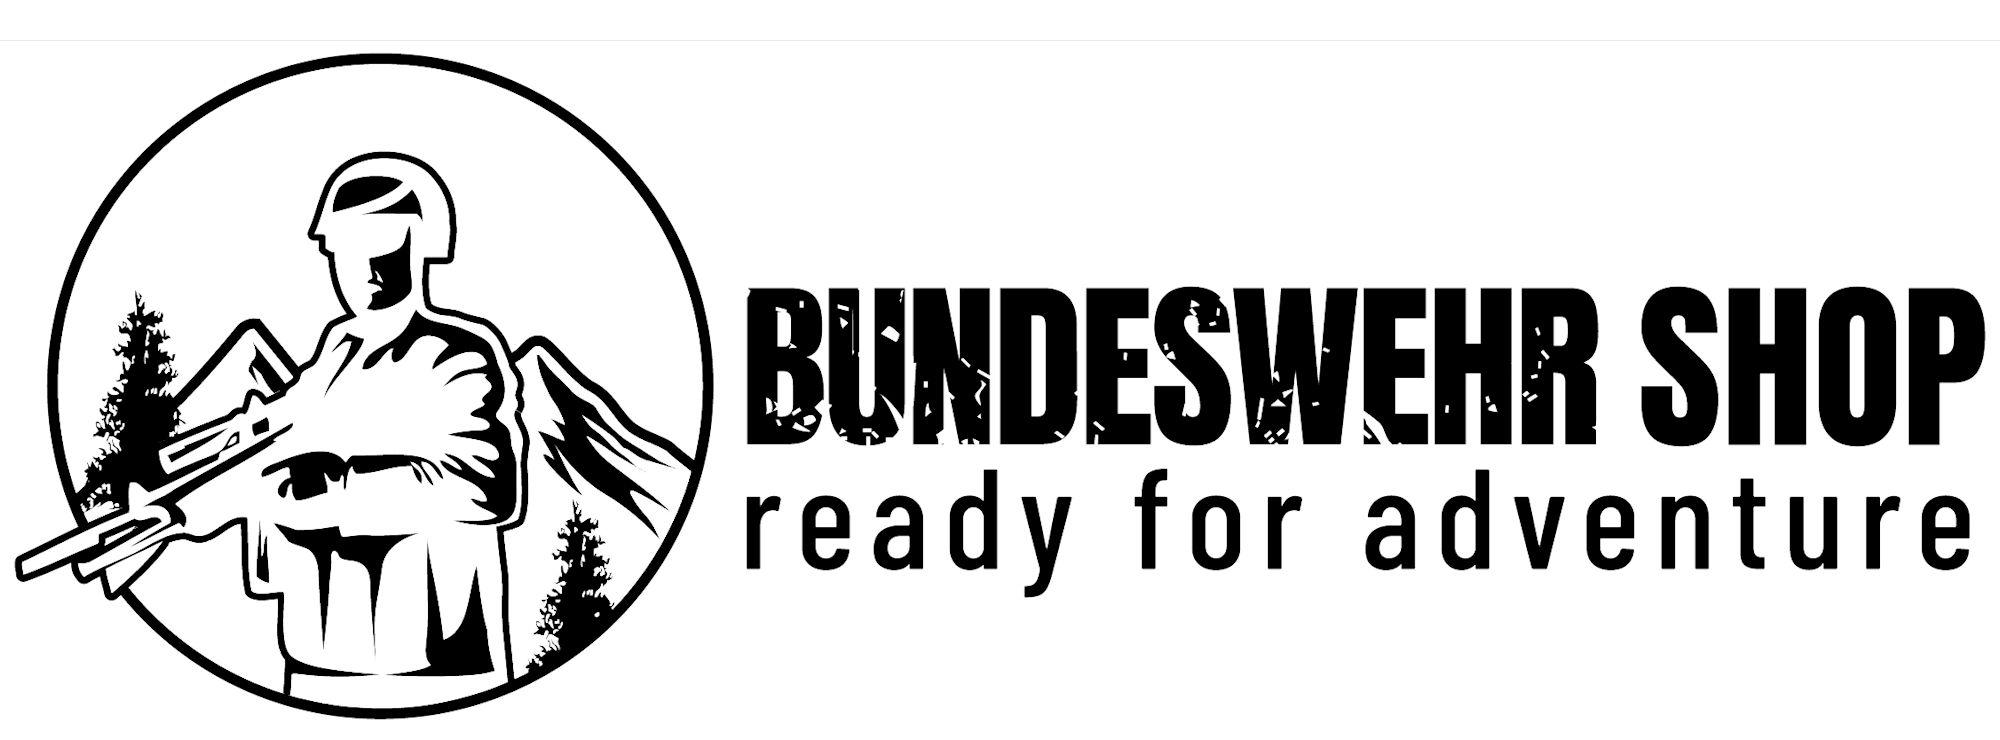 Wort-/Bildmarke: BUNDESWEHR SHOP ready for adventure